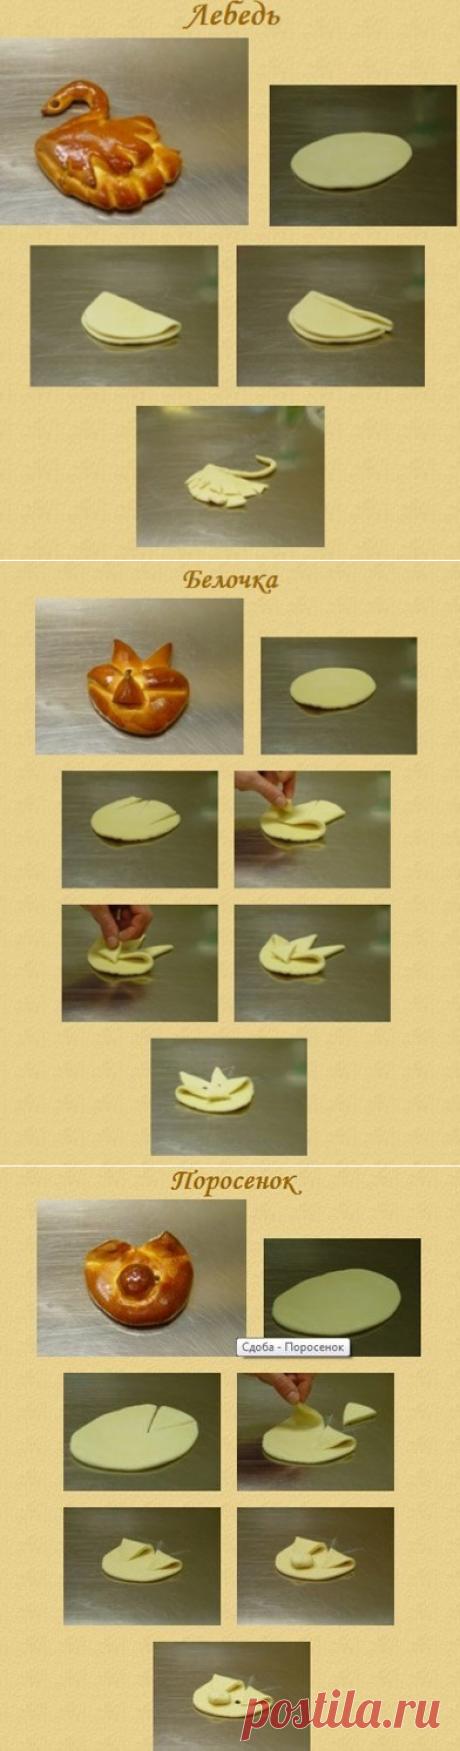 Несколько идей для оформления выпечки...